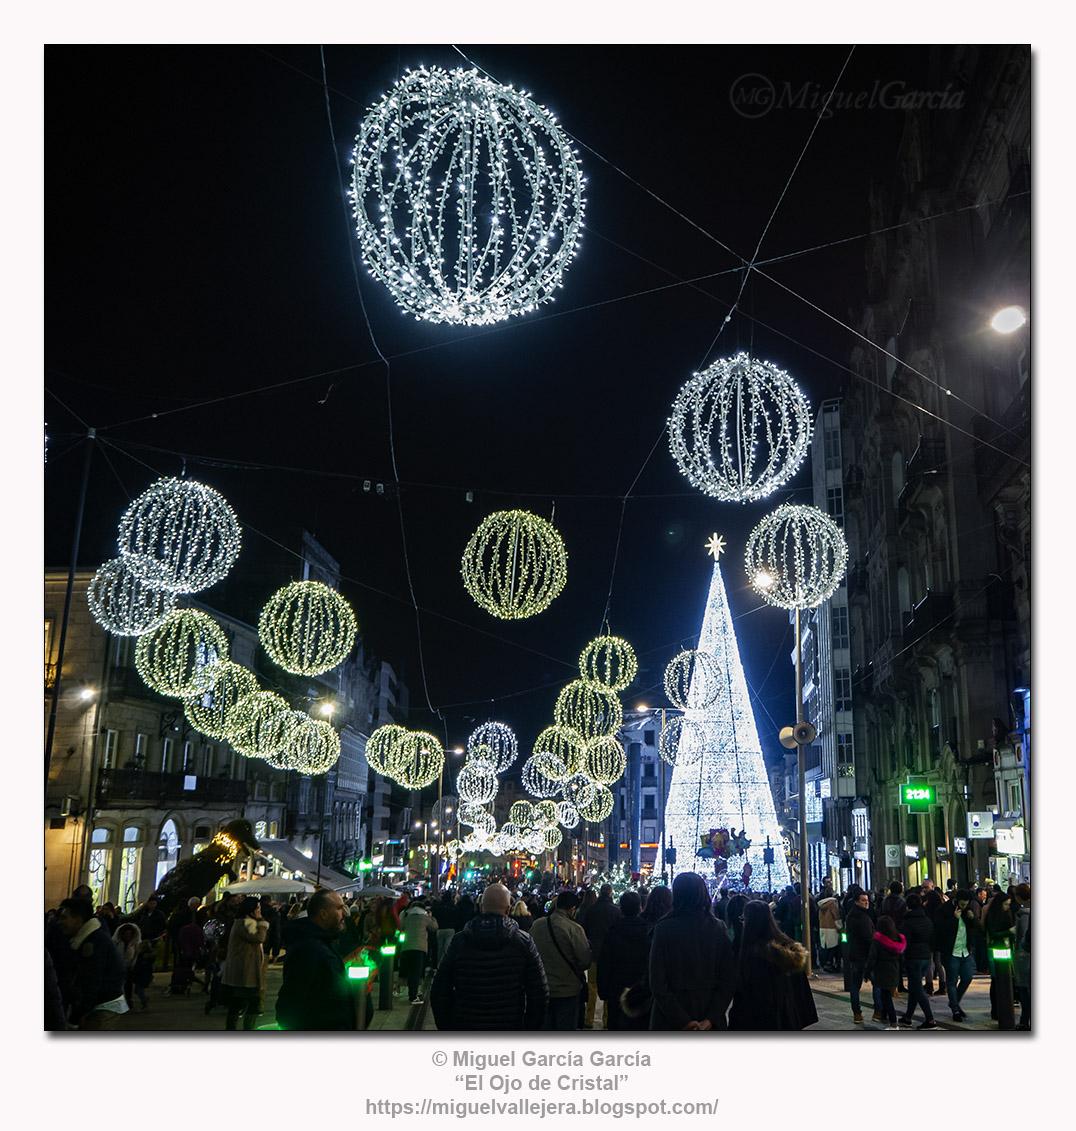 Feliz Navidad y Próspero Año Nuevo / Merry Christmas and Happy New Year.